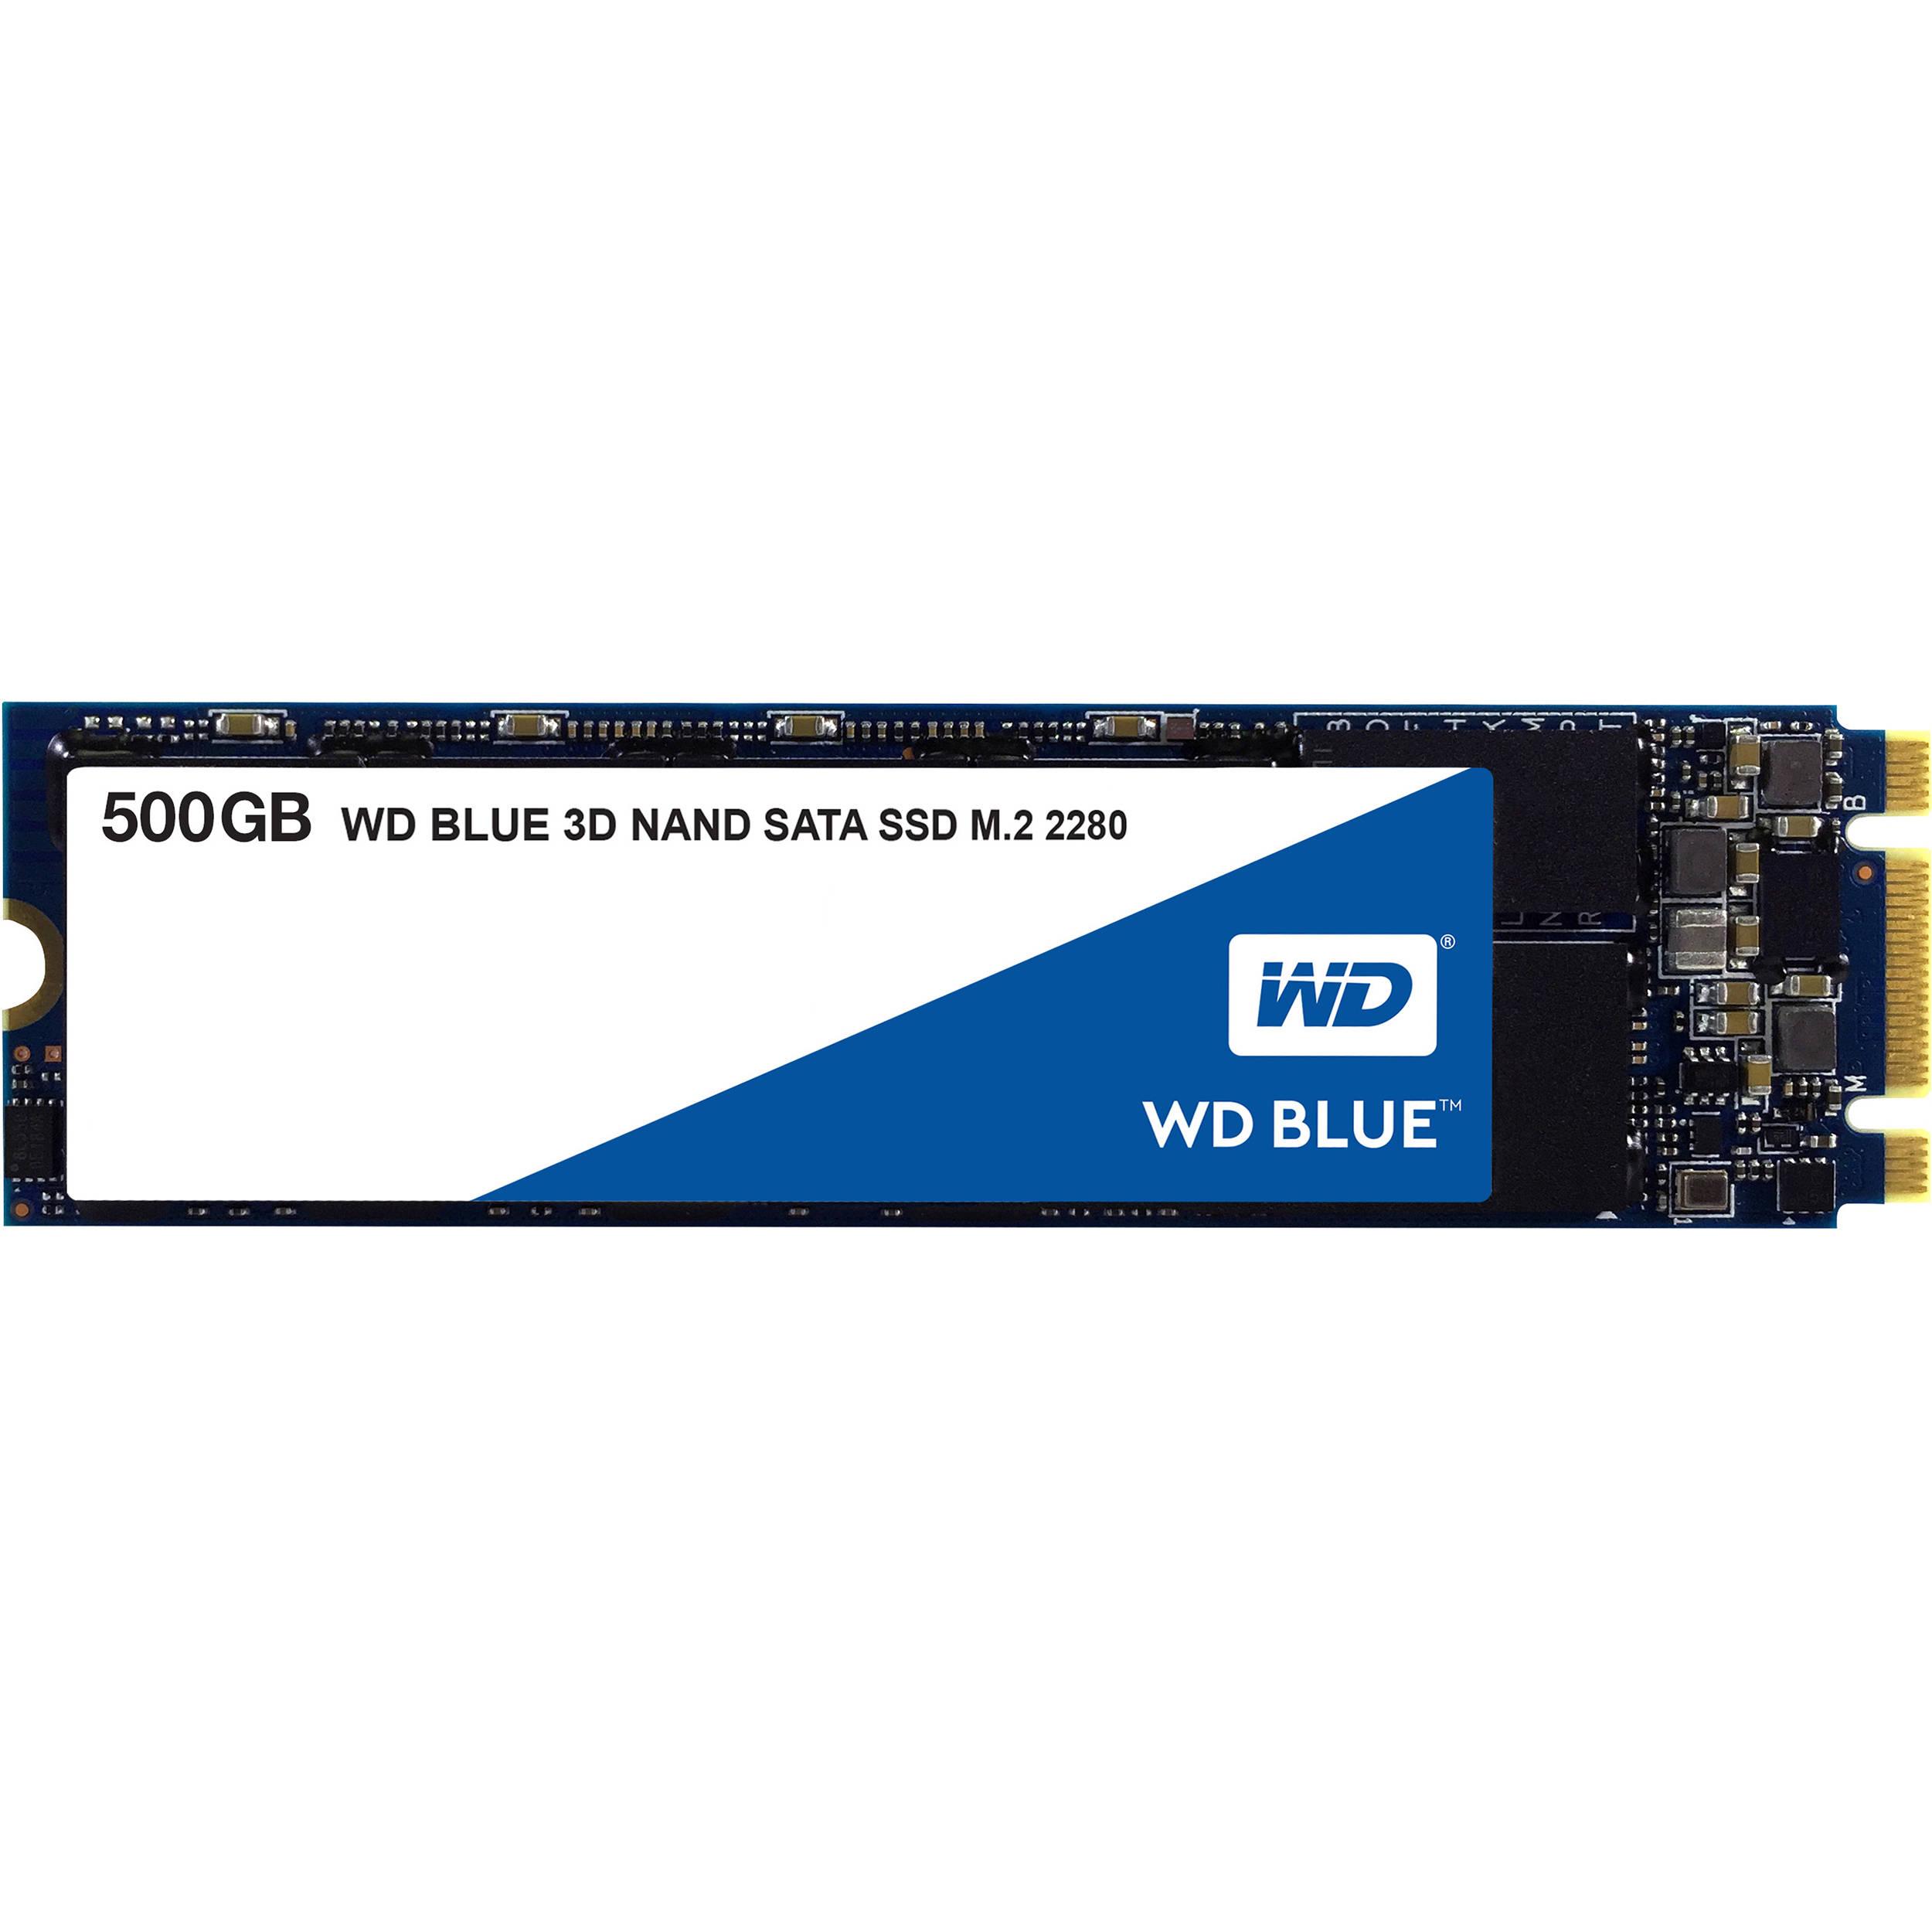 WD 500GB Blue 3D NAND SATA III M 2 2280 Internal SSD